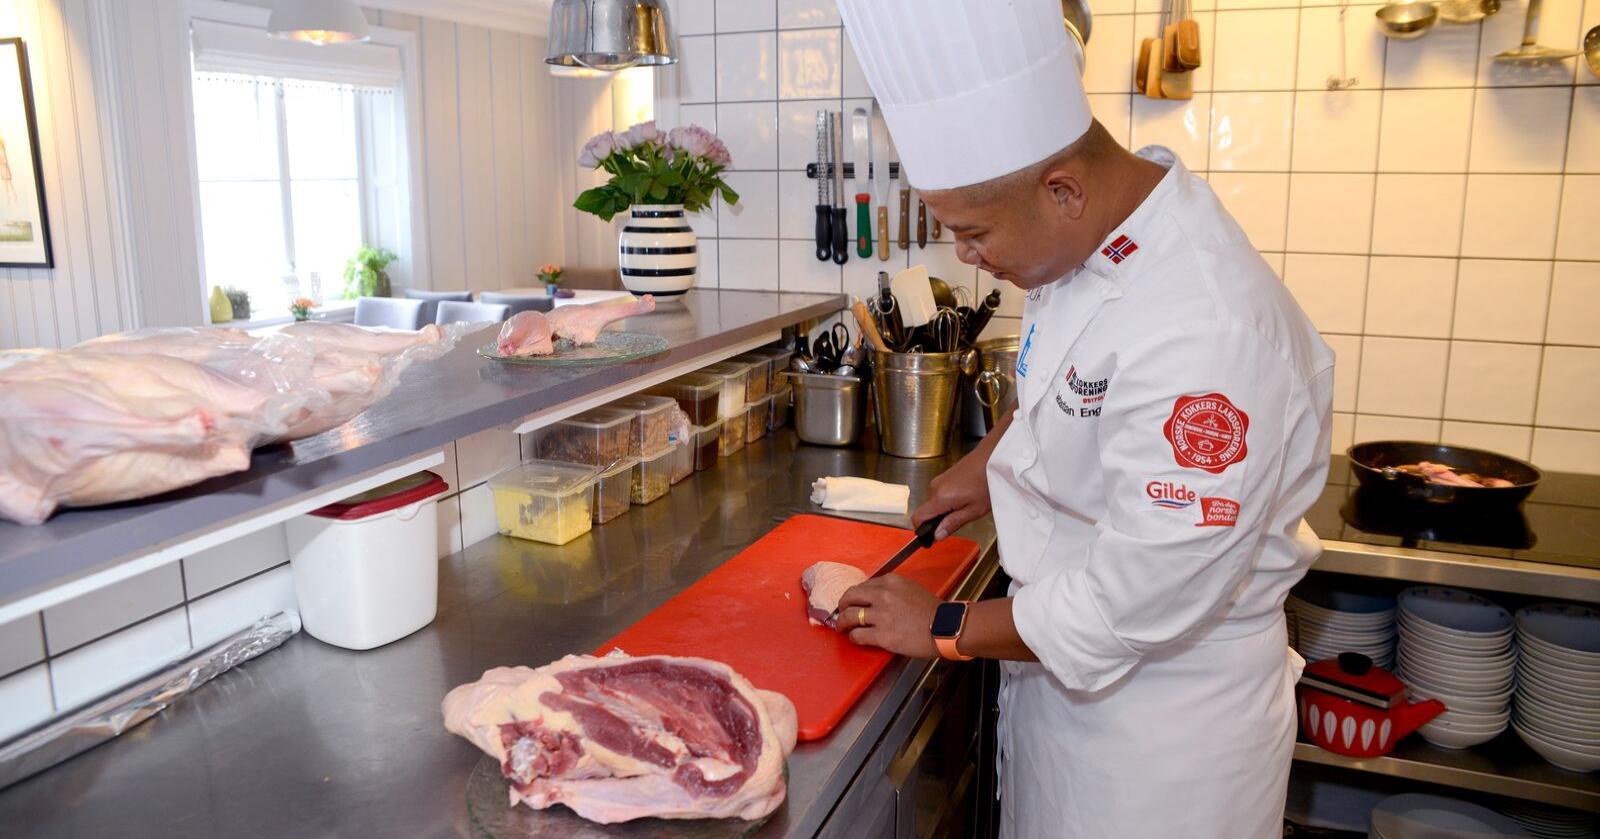 Norge har et mål om å bli en matnasjon innen 2030, og regjeringa ønsker å lage en strategi for å nå dette. Foto: Mariann Tvete